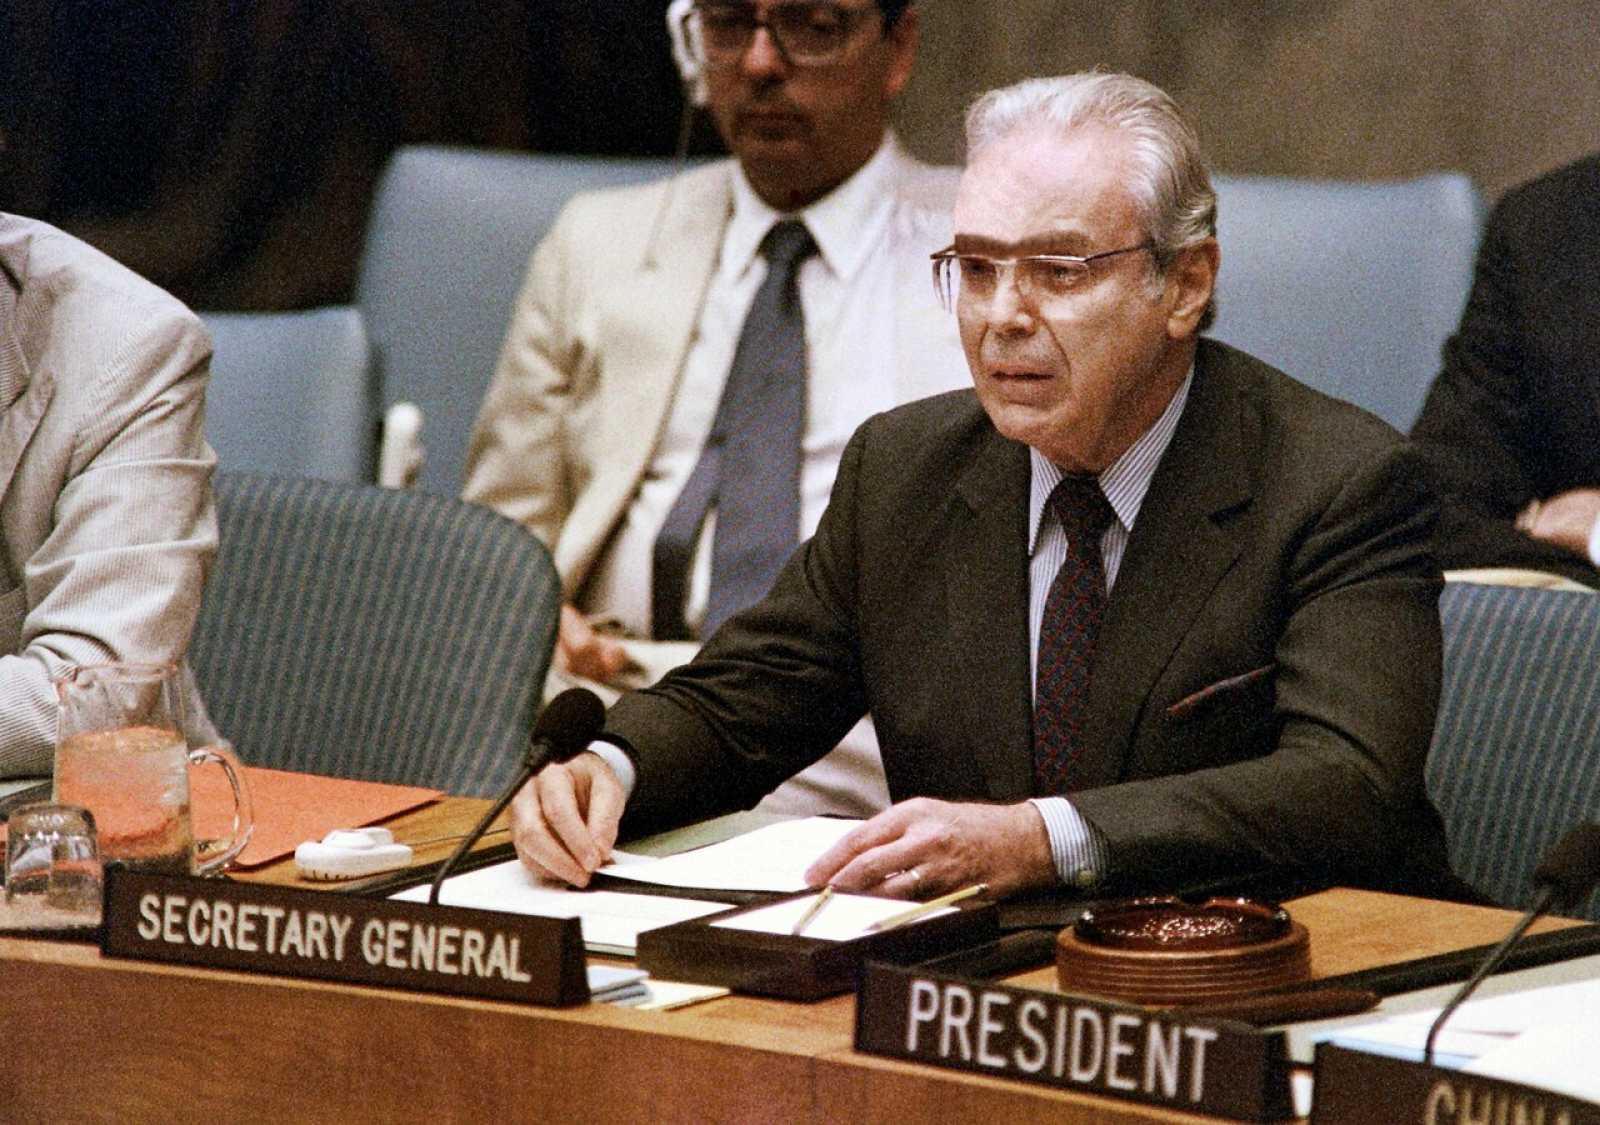 El exsecretario general de la ONU Javier Pérez de Cuellar en 1988